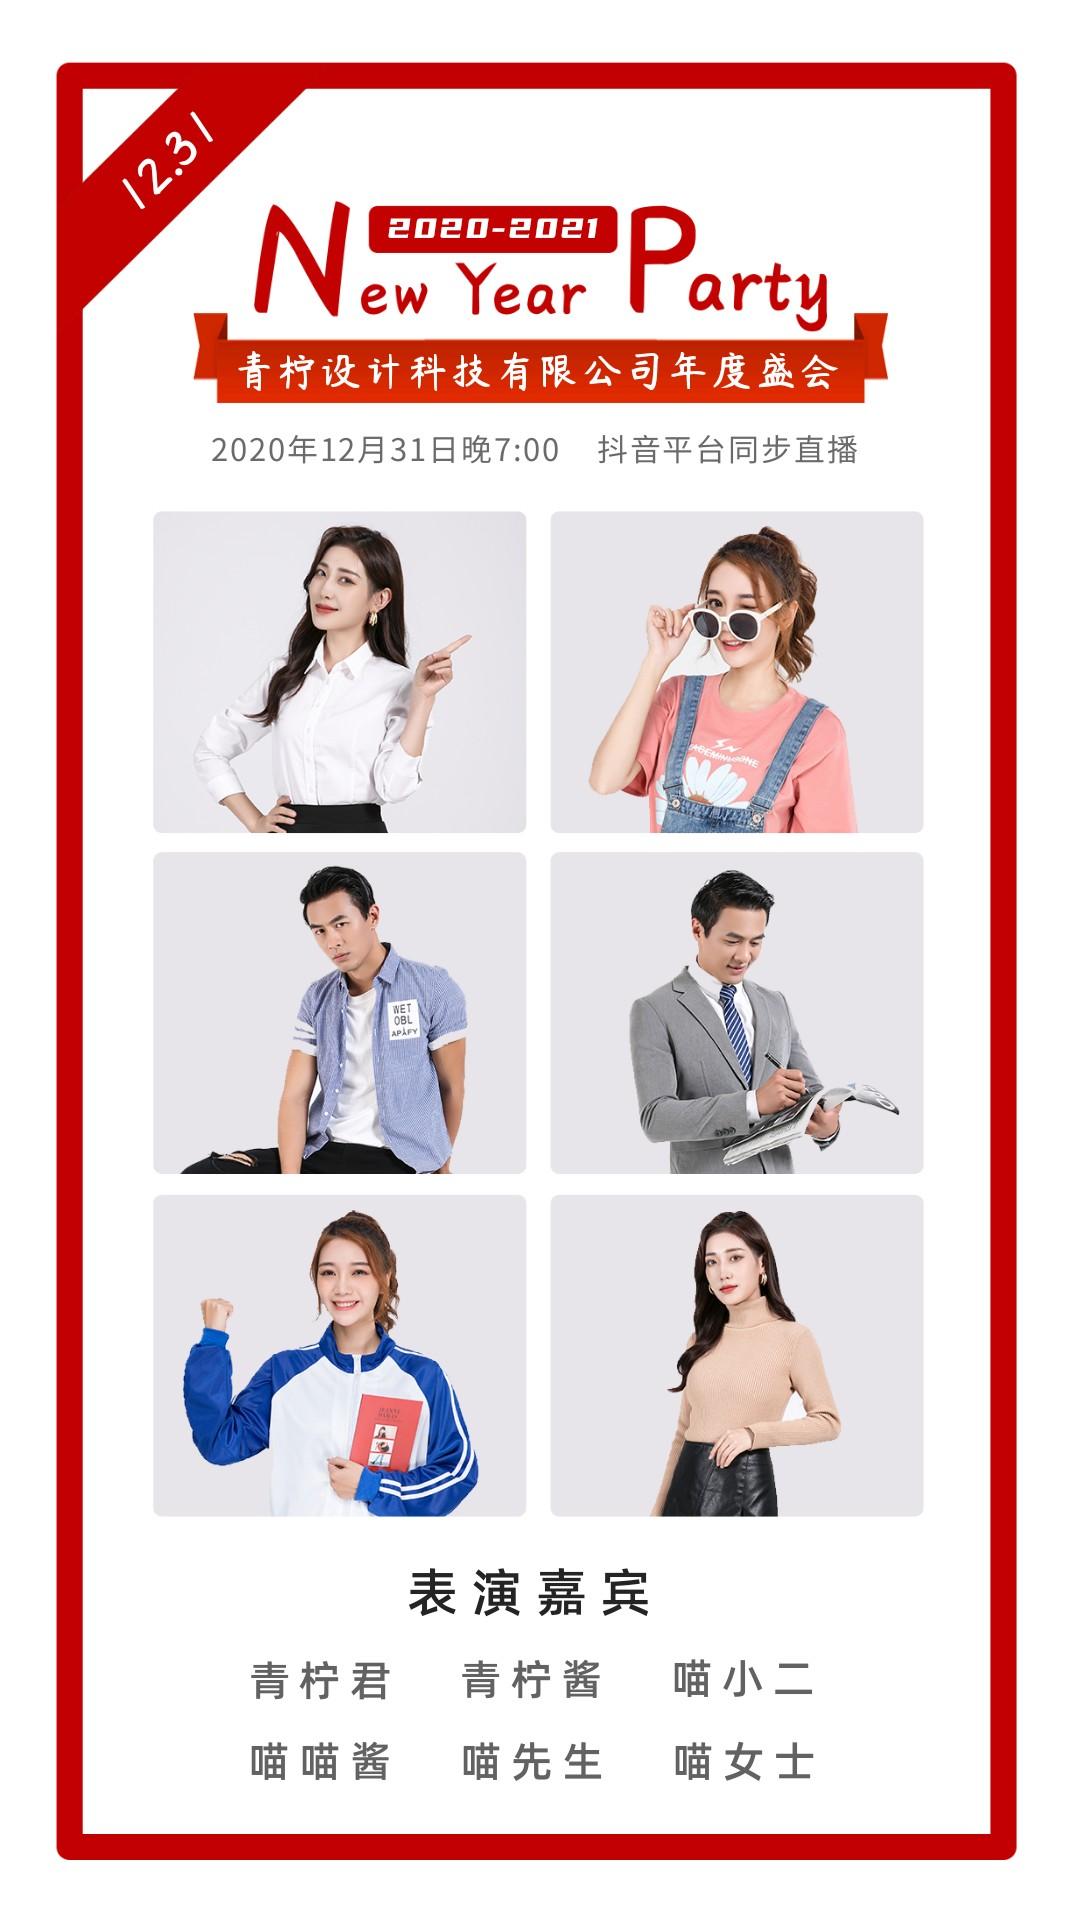 科技演艺娱乐抖音手机海报